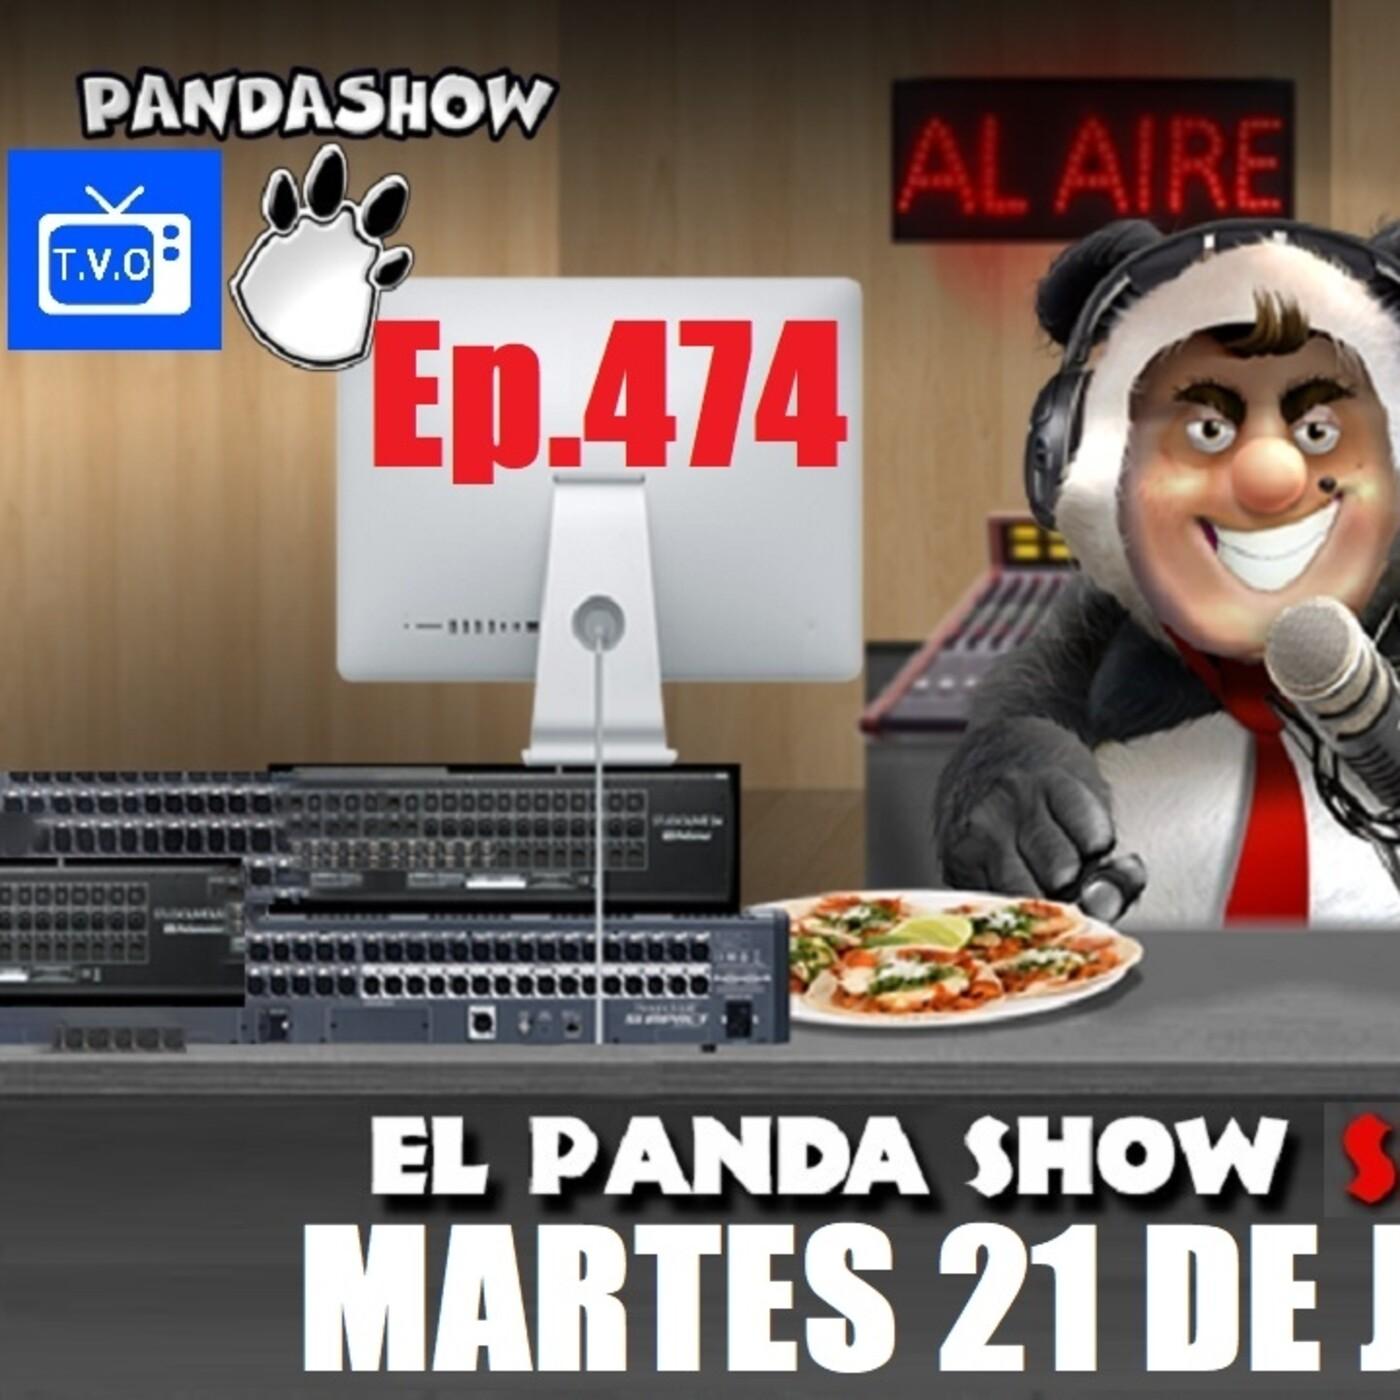 EL PANDA SHOW Ep. 474 MARTES 21 DE JULIO 2020